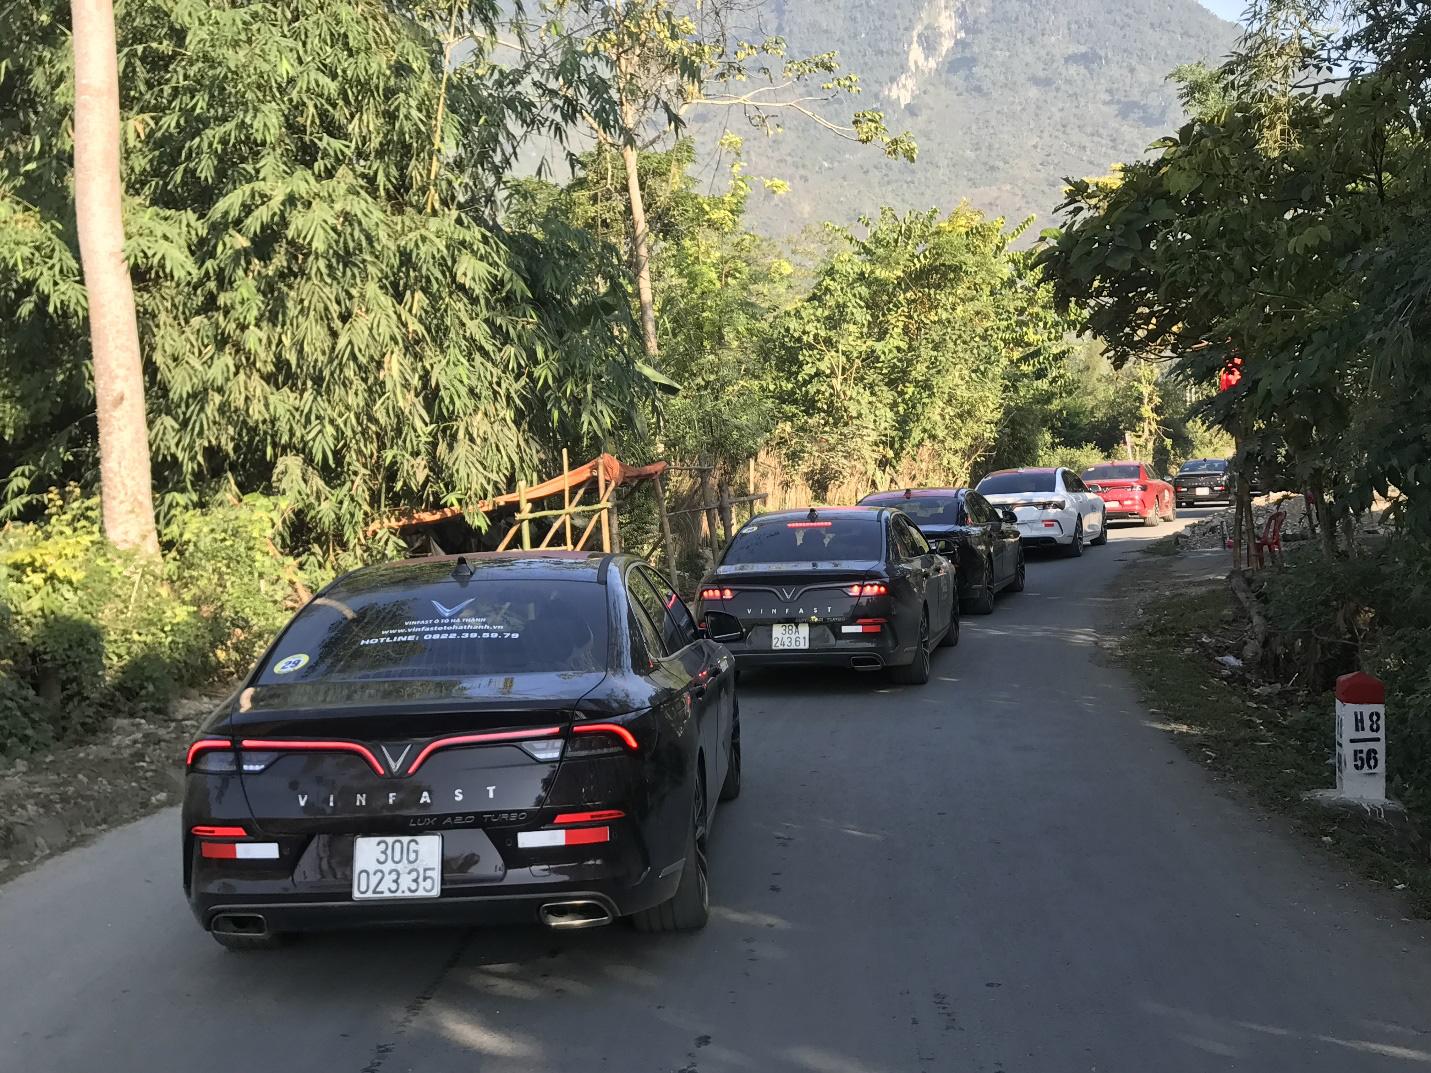 Hàng trăm chủ xe VinFast hào hứng tiếp tục hành trình chinh phục Hà Giang: Không mỏi mệt sau ngày đầu leo đèo - Ảnh 6.